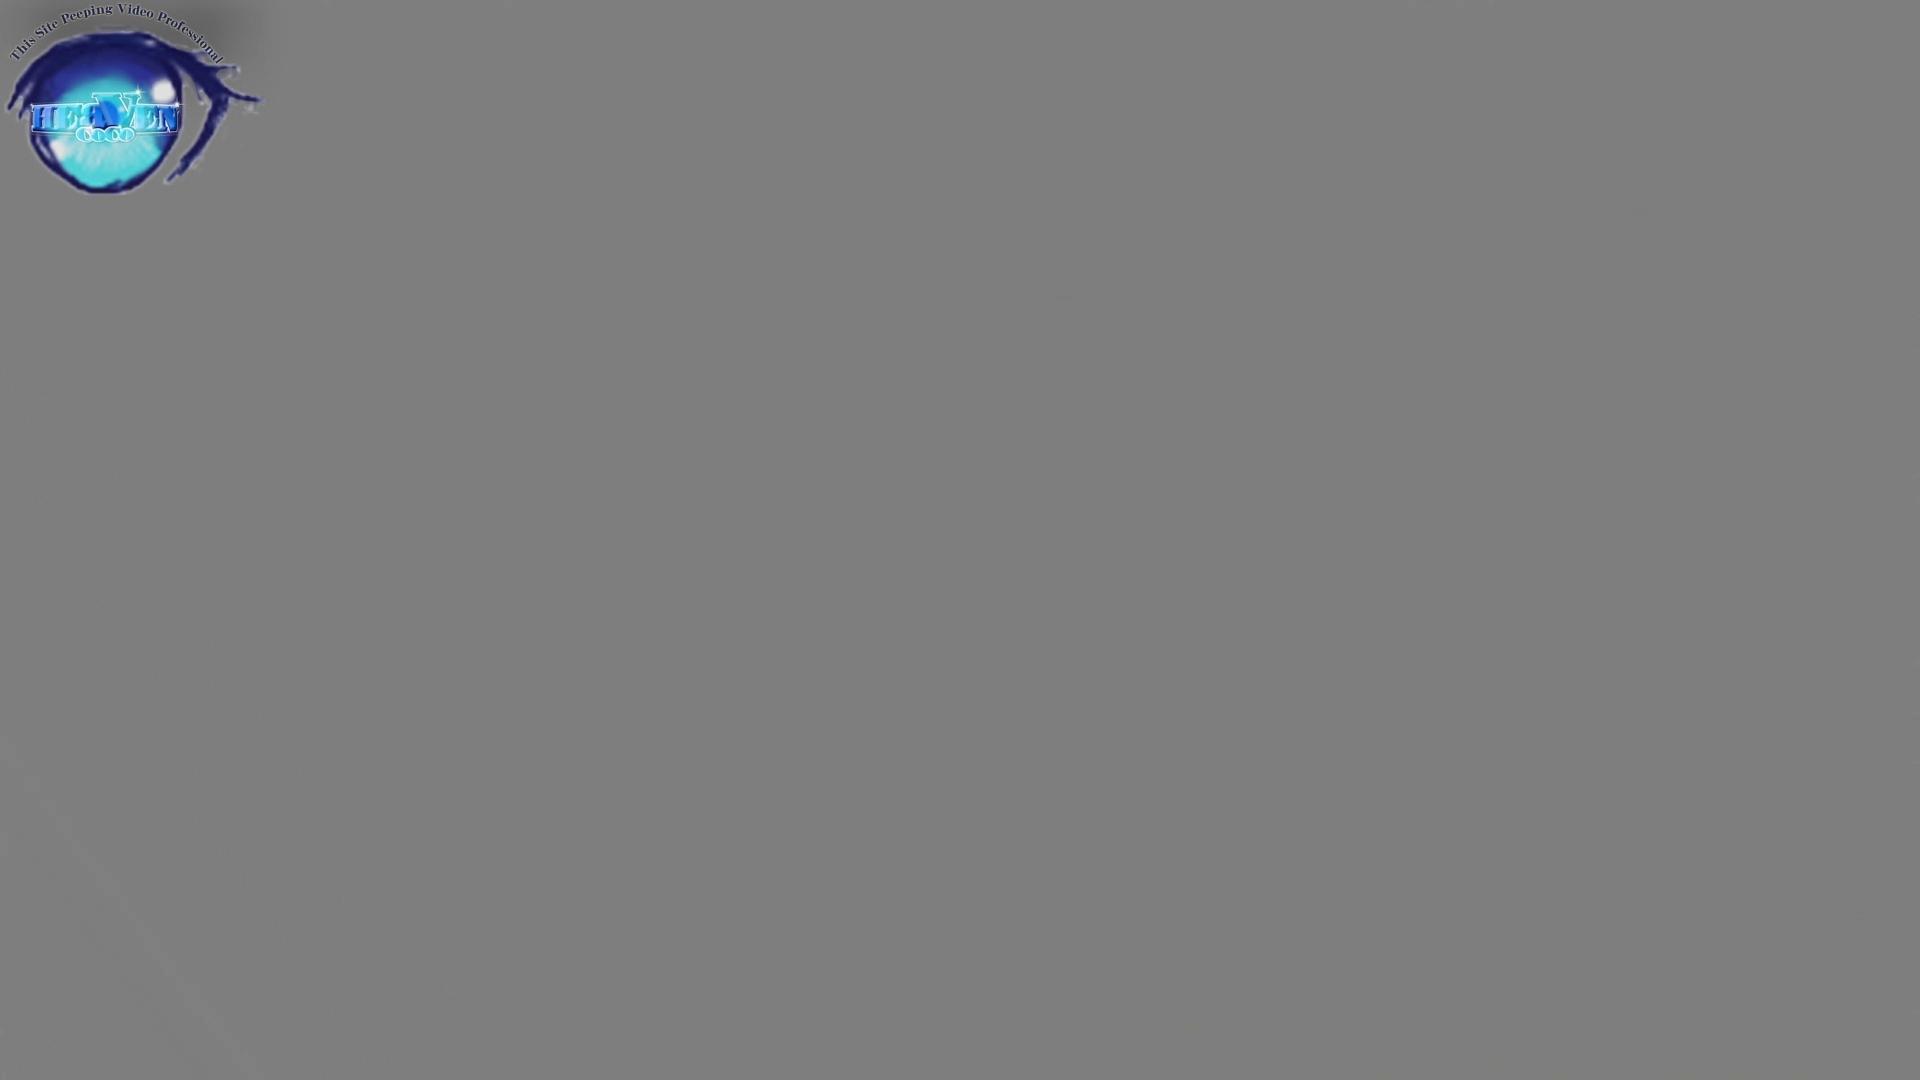 「洗面所突入レポート!!」vol.56まず並ぶ所から!決して真似しないでください前編 美人 セックス無修正動画無料 96pic 59